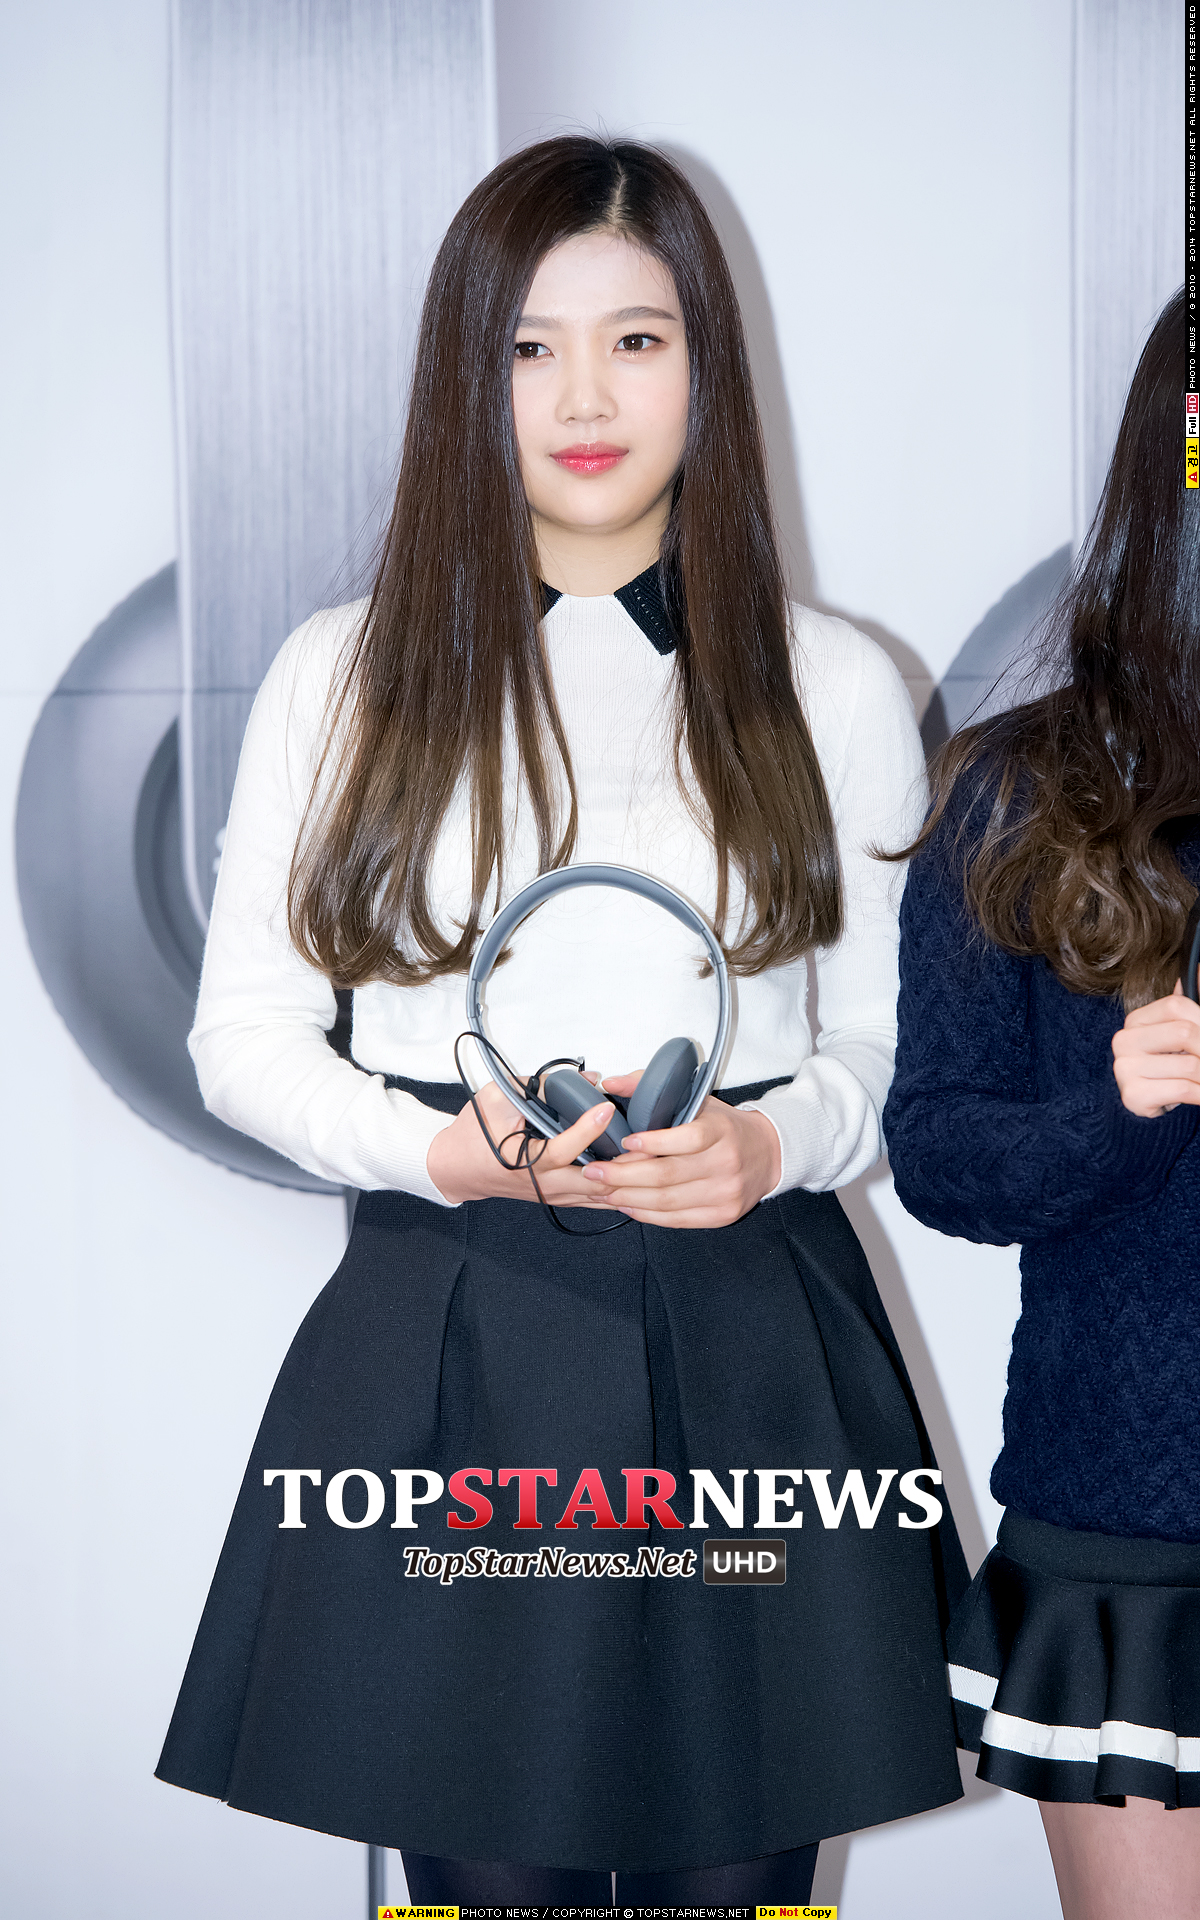 韓國網友說:「Joy常常被罵很肉、很胖,儘管瘦了還是會被罵,說瘦了還是一樣胖ㅜ.ㅜ什麼都可以拿來被罵…」